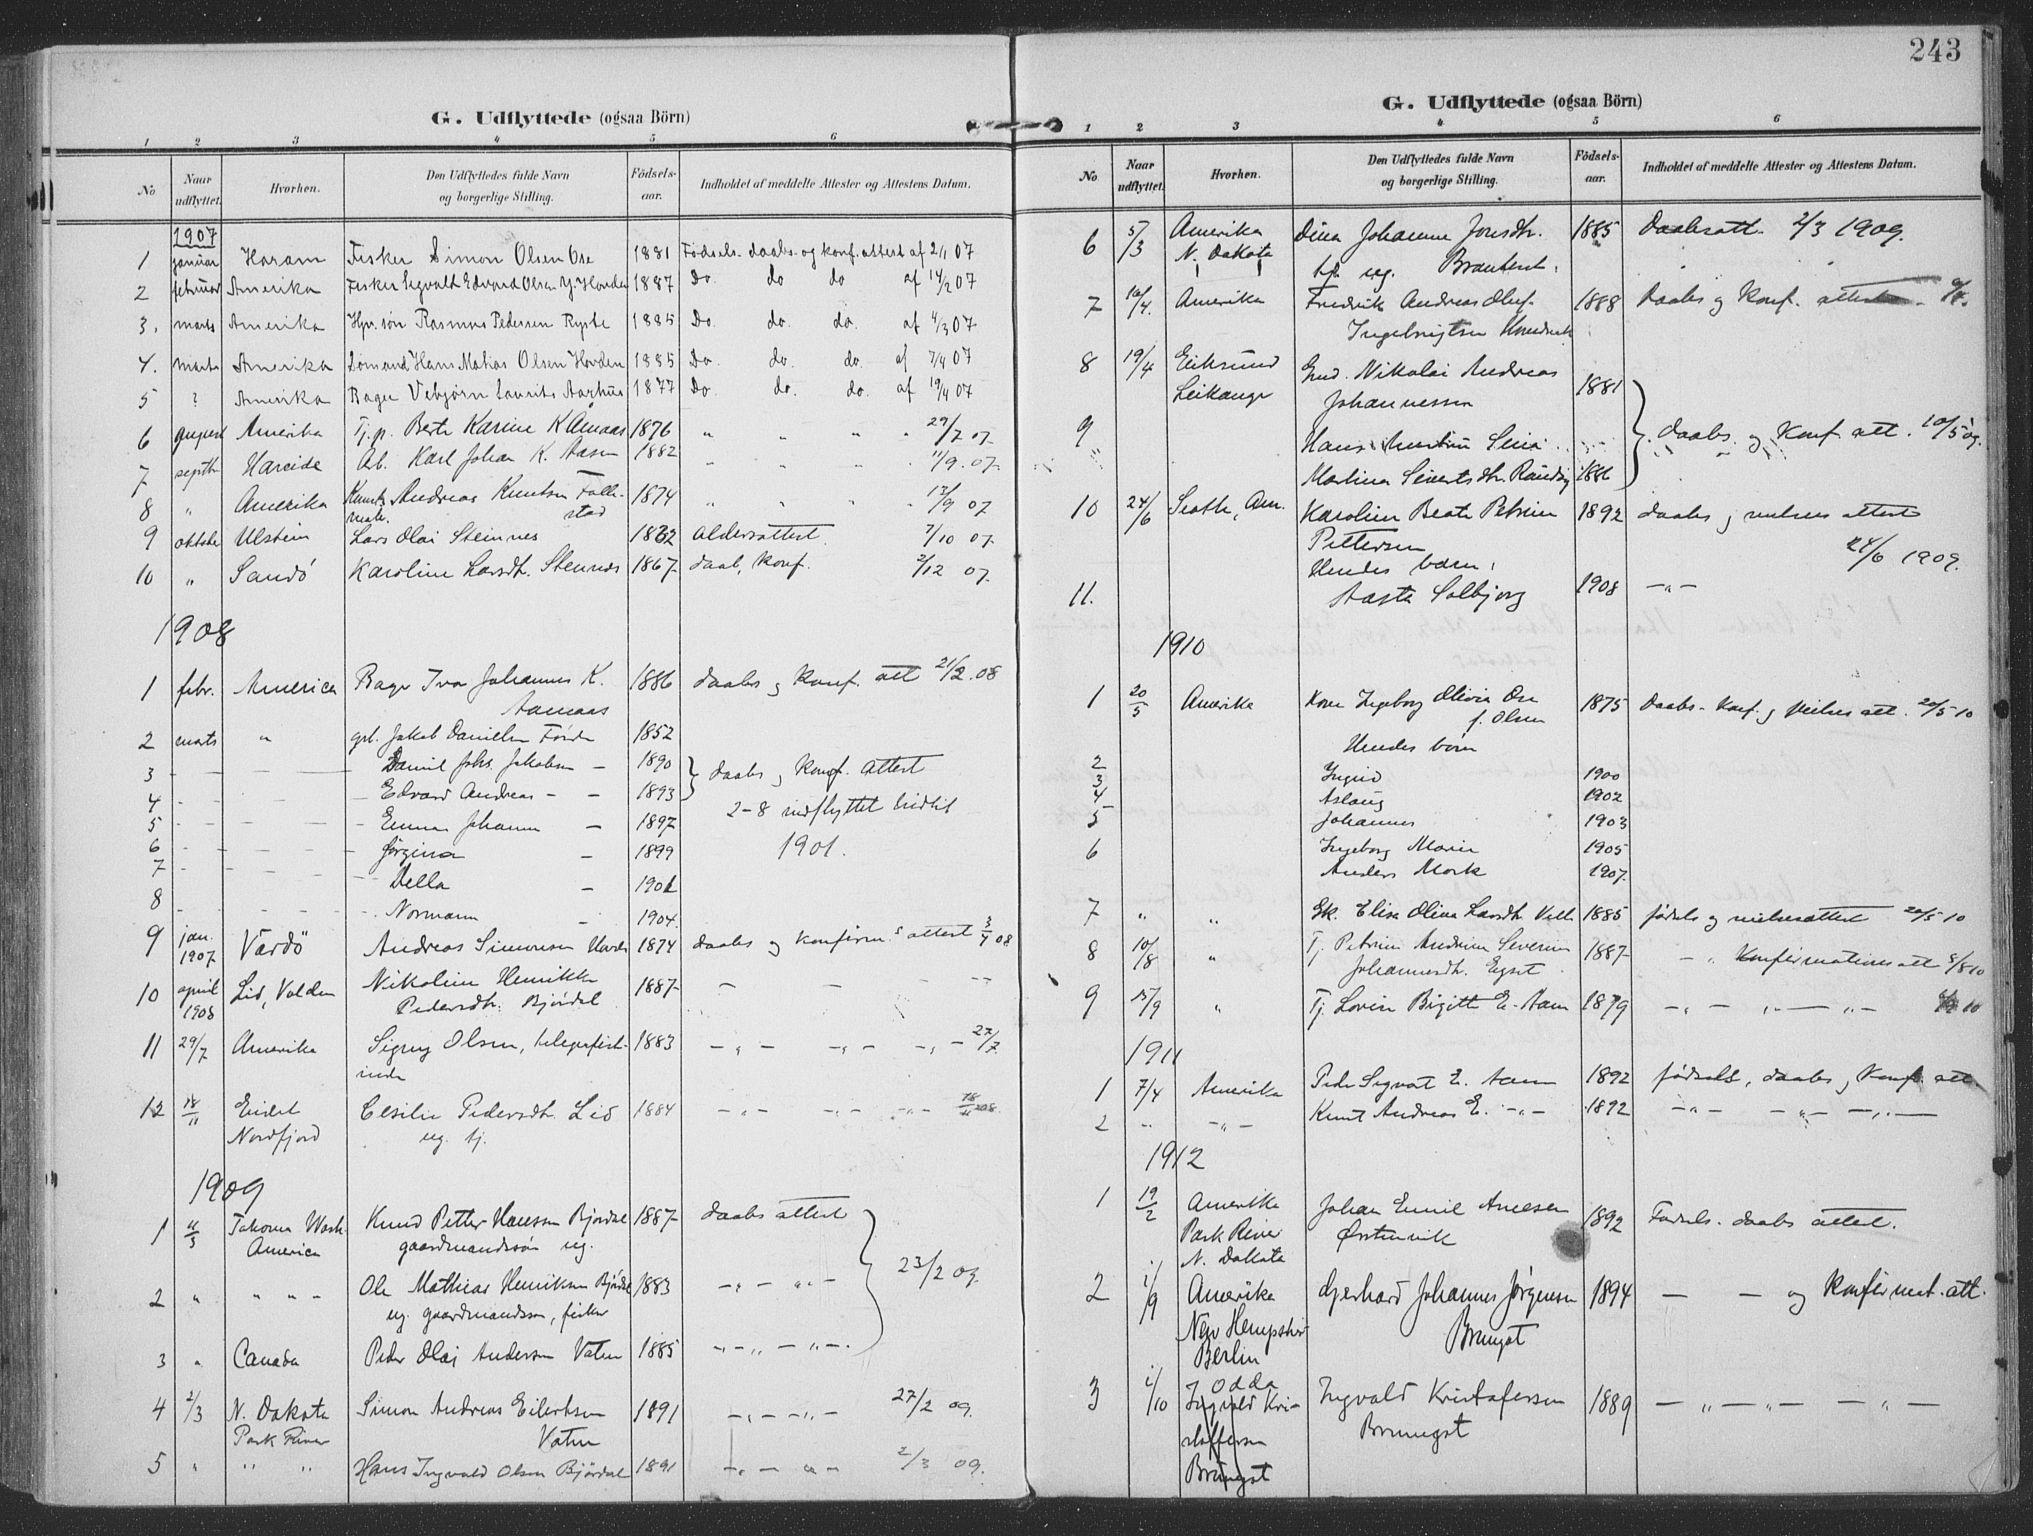 SAT, Ministerialprotokoller, klokkerbøker og fødselsregistre - Møre og Romsdal, 513/L0178: Ministerialbok nr. 513A05, 1906-1919, s. 243